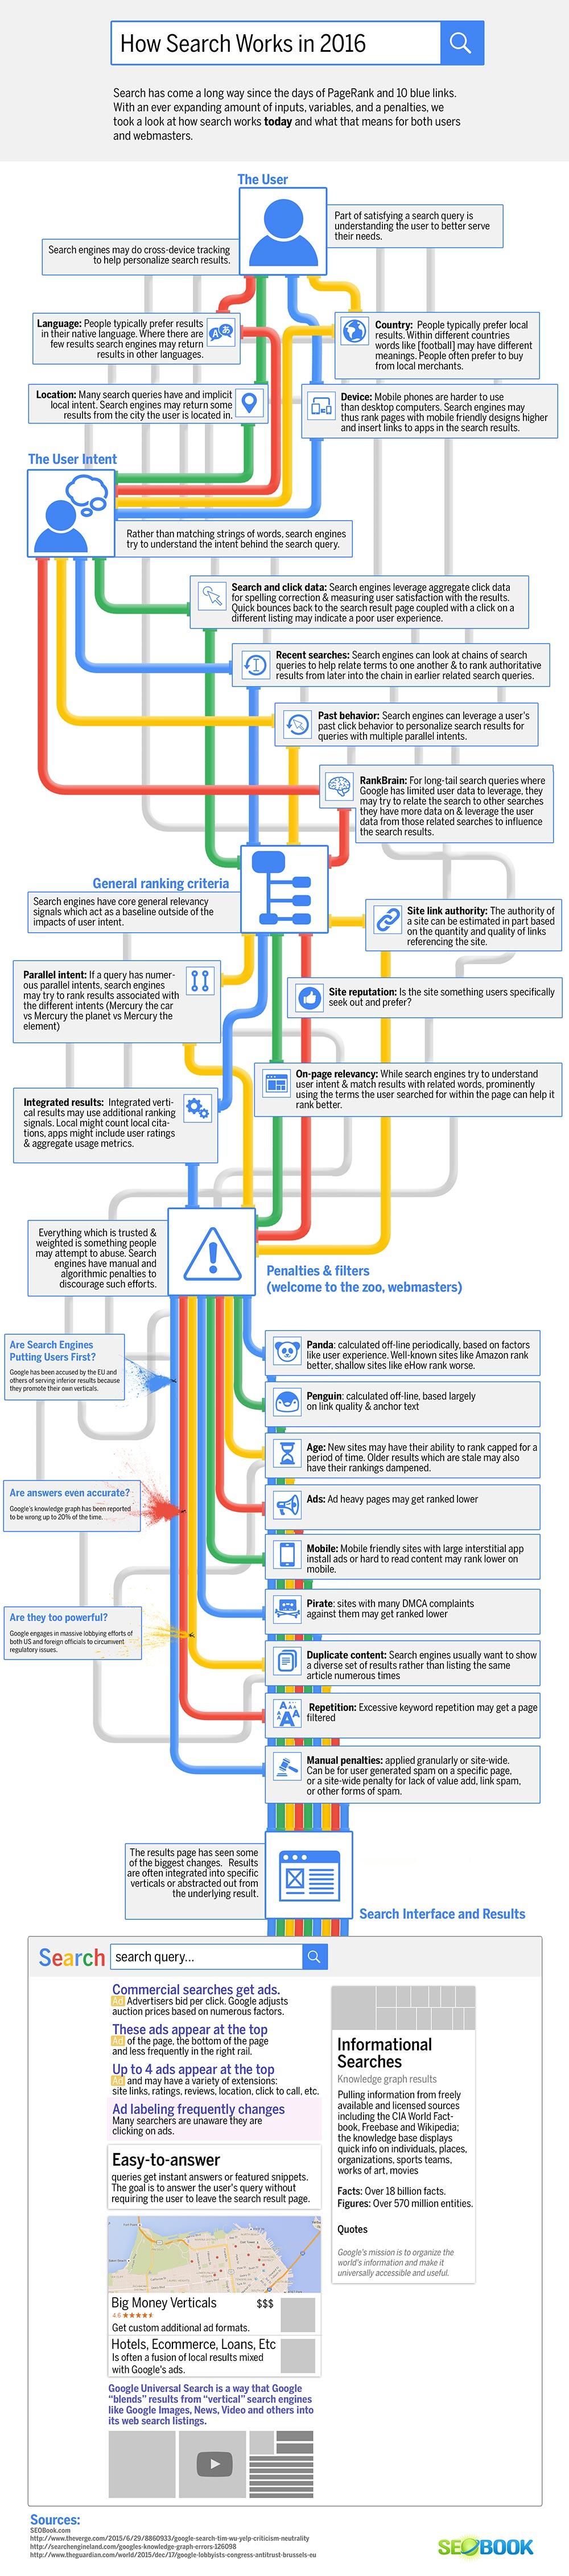 infographie-sur-le-fonctionnement-de-google